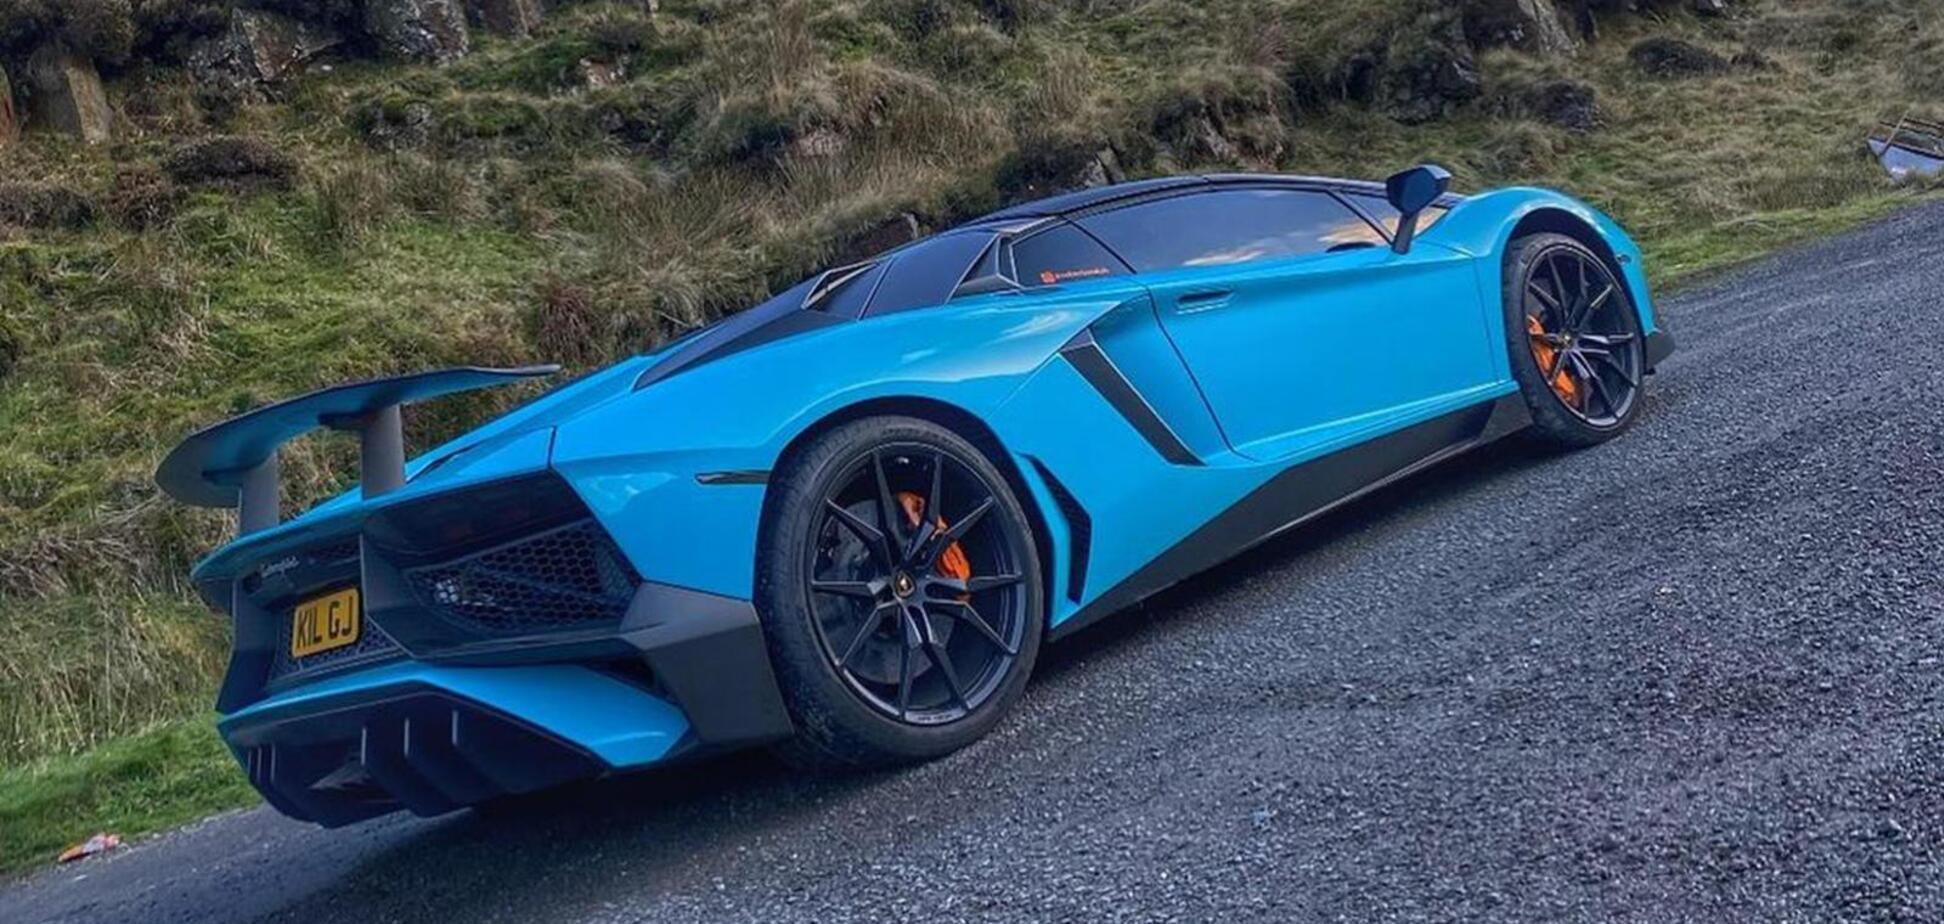 Водитель старой 'Фиесты' протаранил Lamborghini Aventador и сбежал с места ДТП